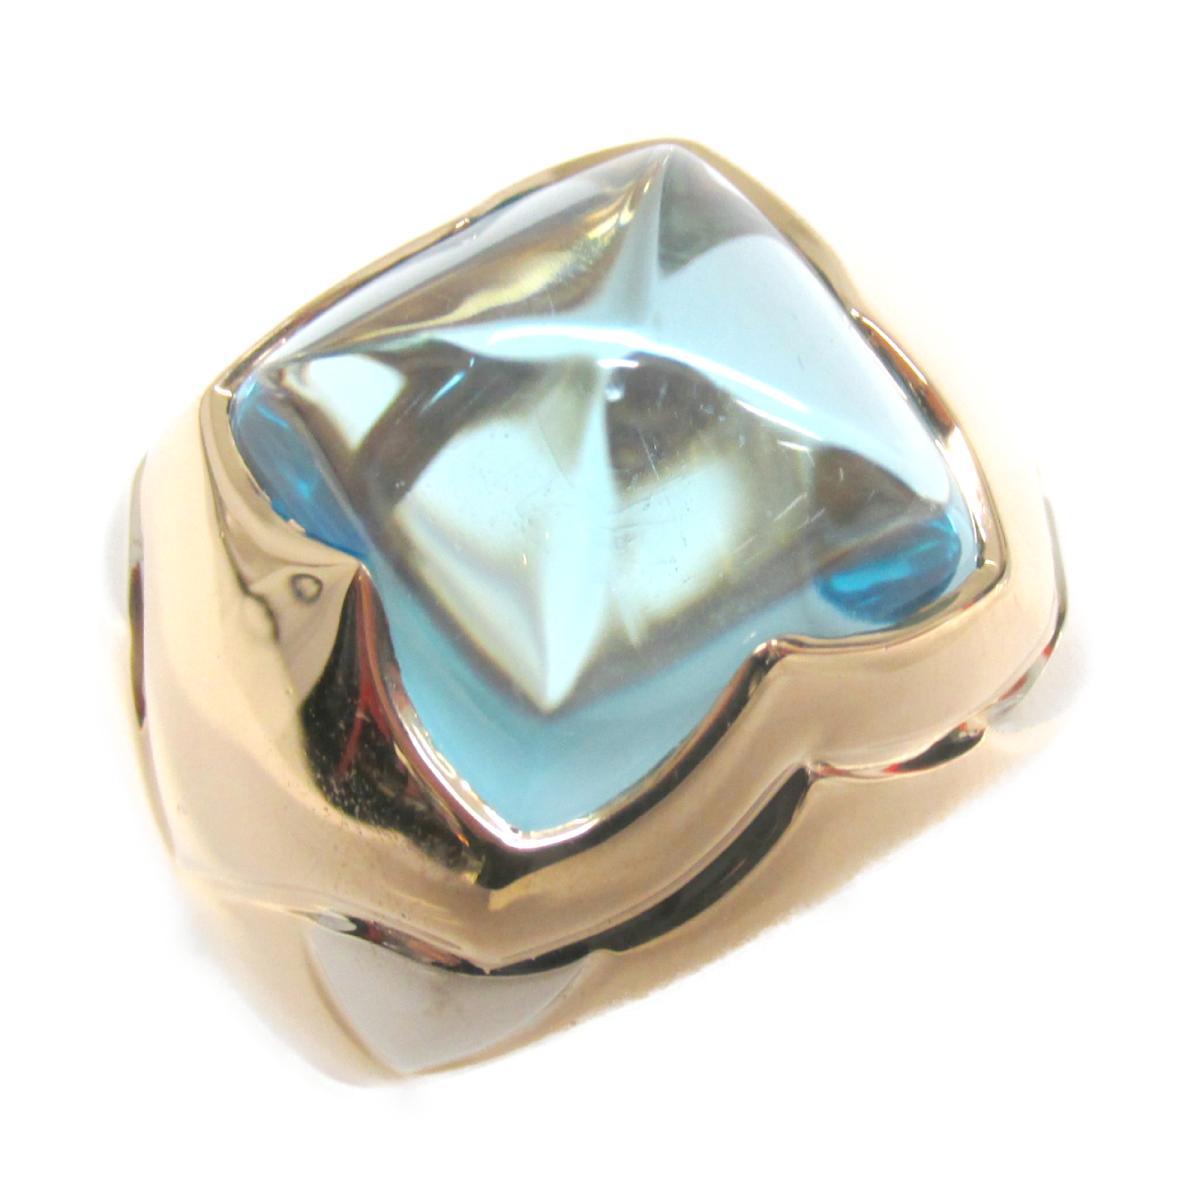 【中古】 ブルガリ ピラミデリング 指輪 メンズ レディース K18YG (750) イエローゴールド x ブルートパーズ | BVLGARI BRANDOFF ブランドオフ ブランド ジュエリー アクセサリー リング